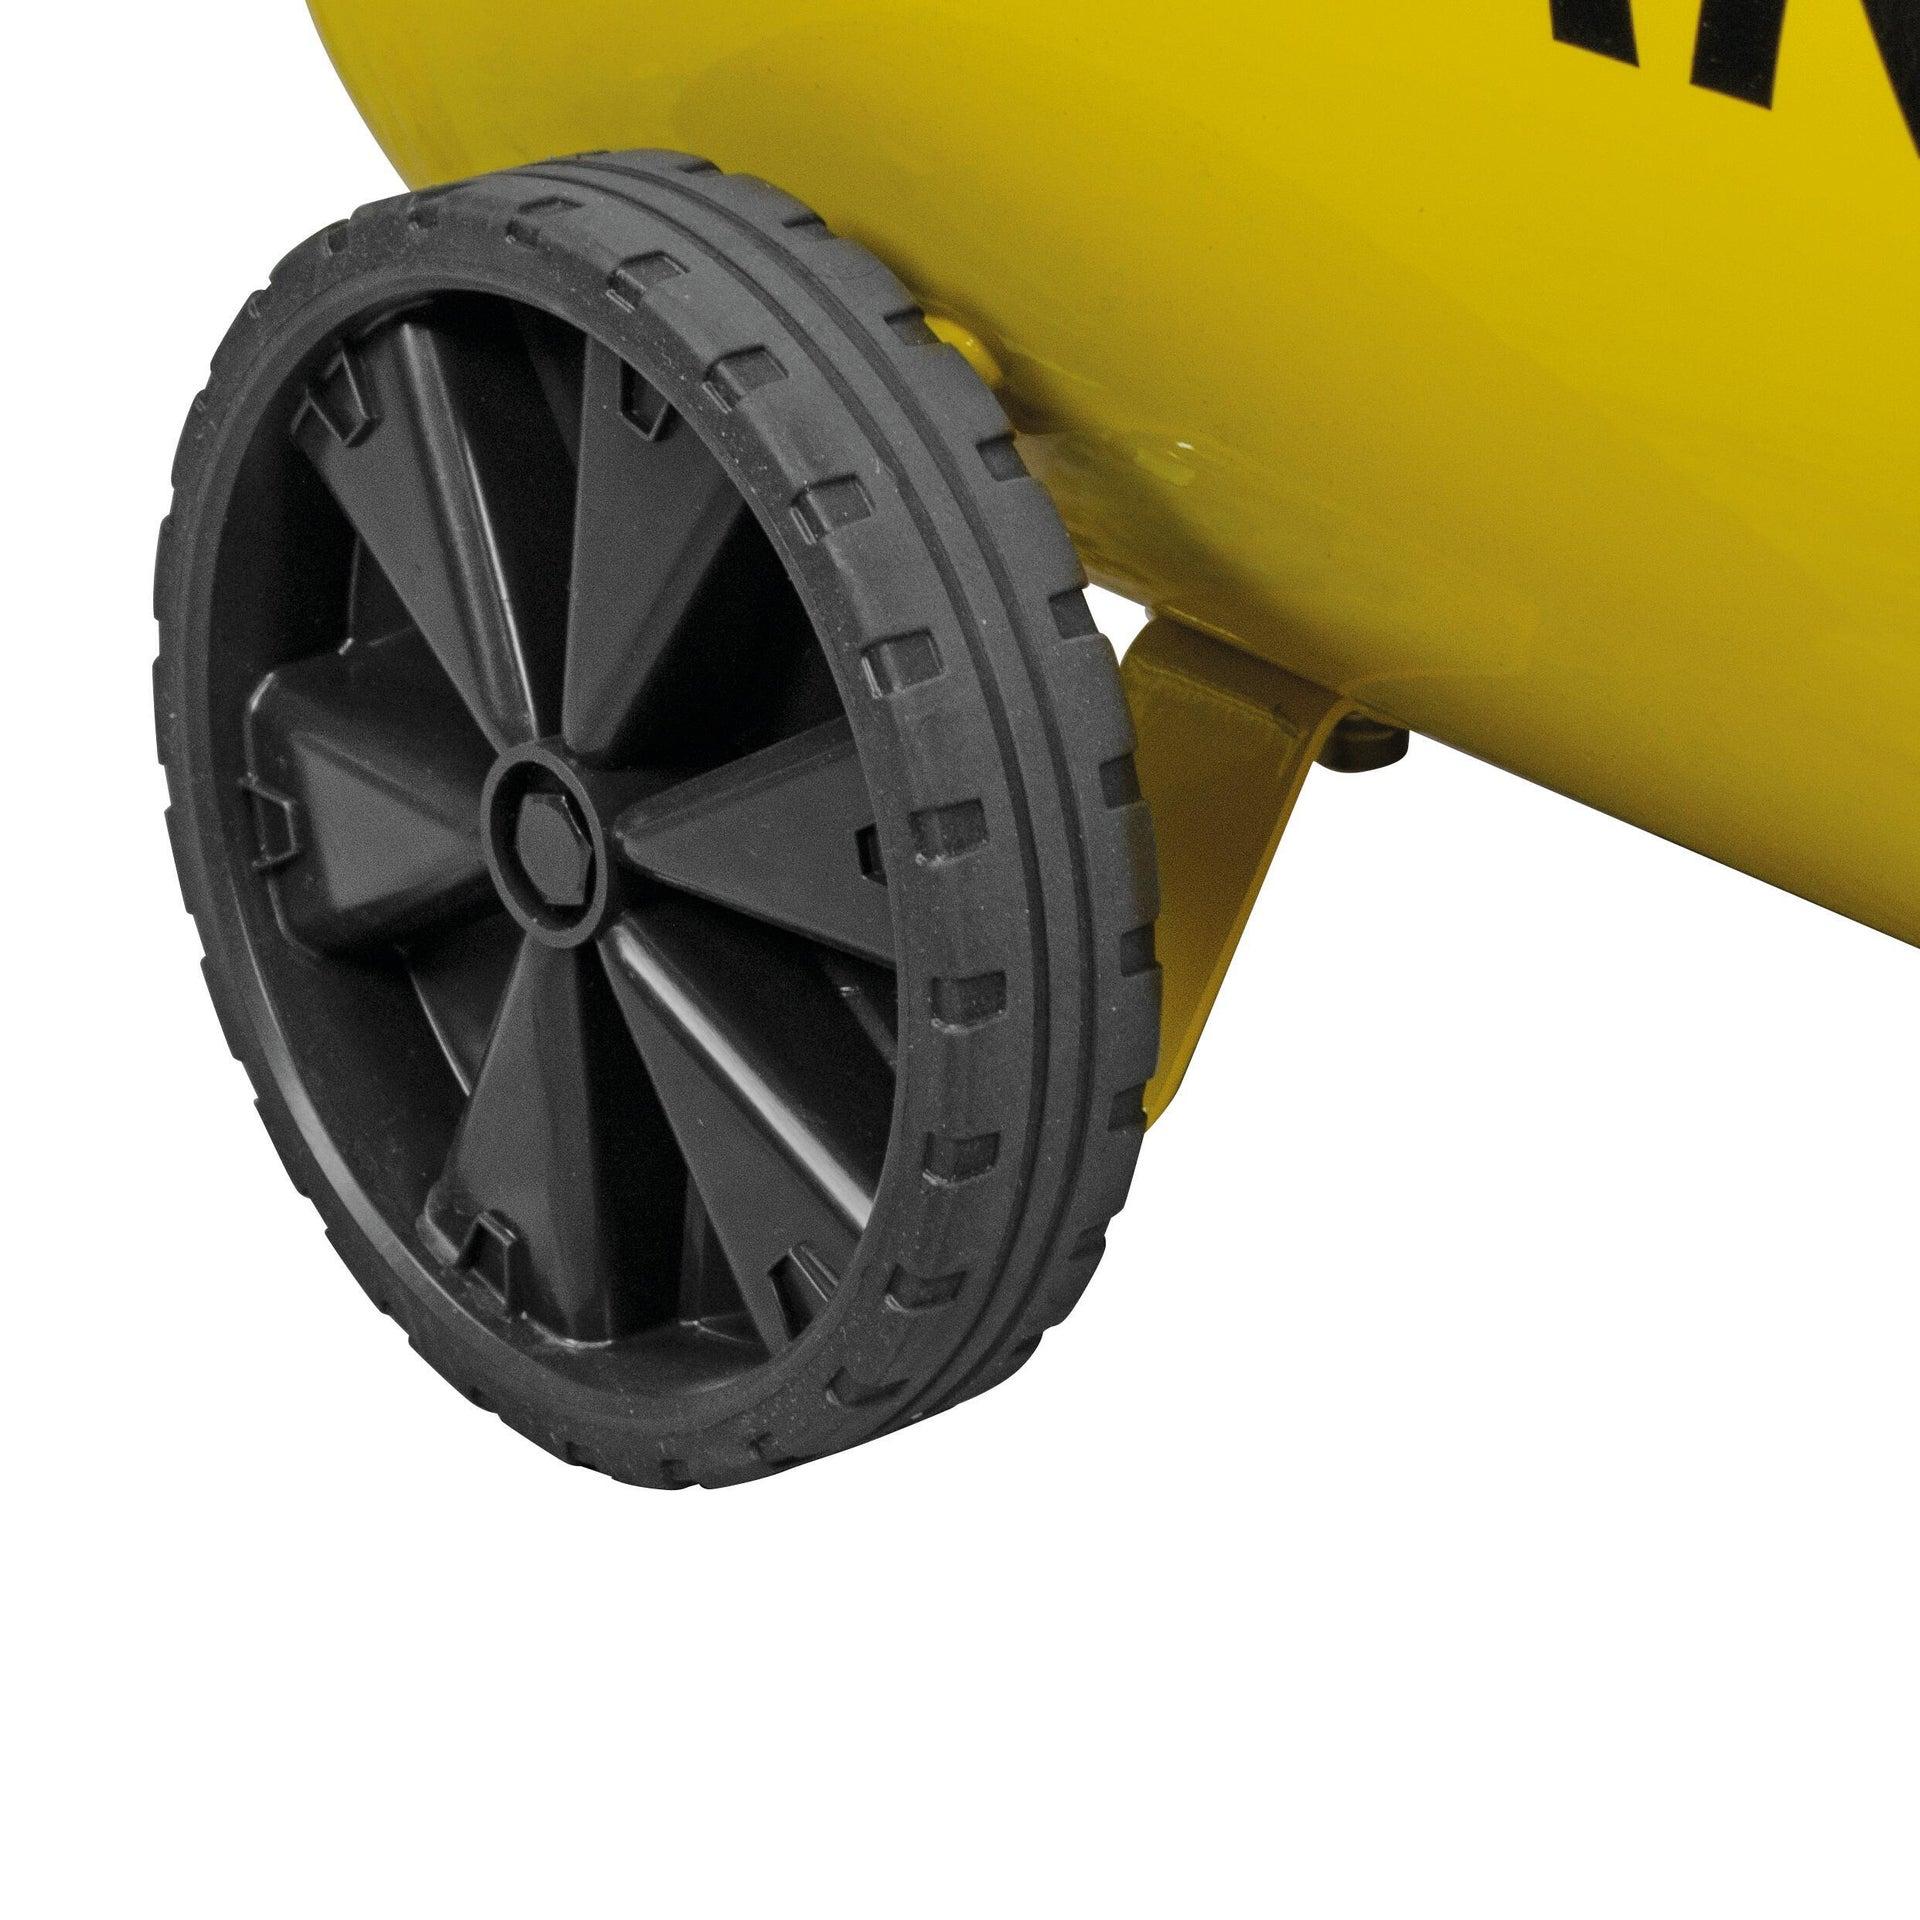 Compressore silenziato STANLEY SXCMS2652HE, 2.6 hp, 8 bar, 50 litri - 6